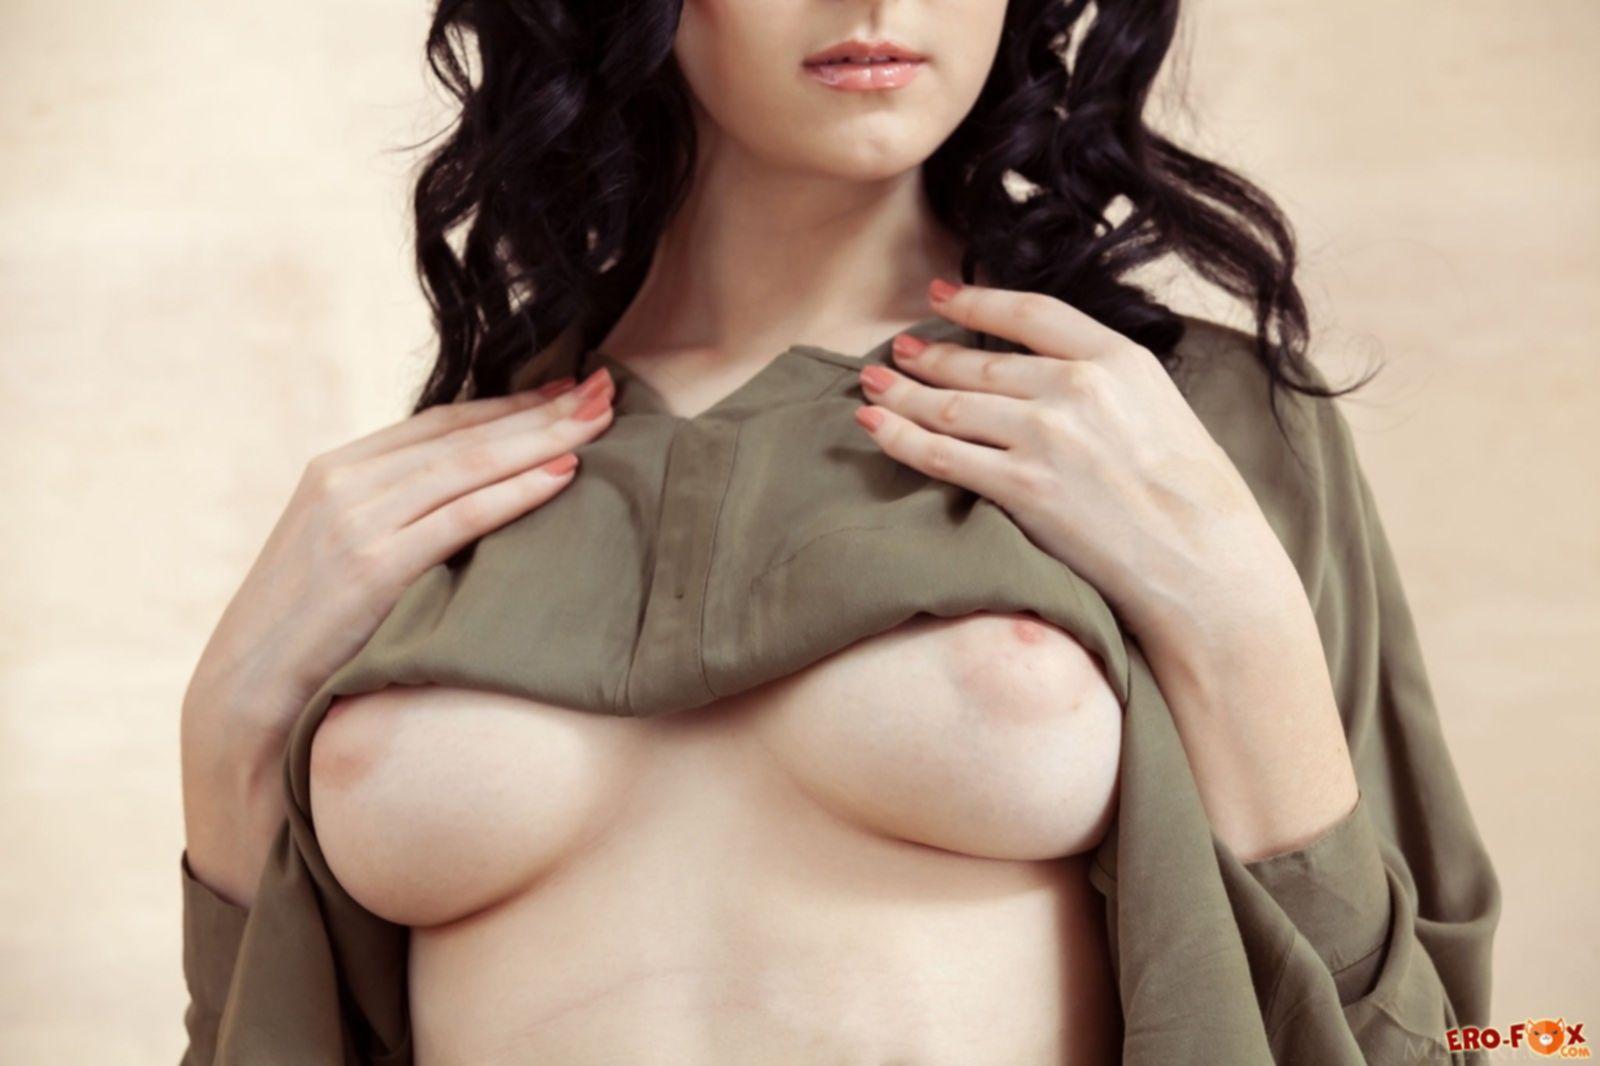 Брюнетка с упругими дойками сняла короткие шорты - фото